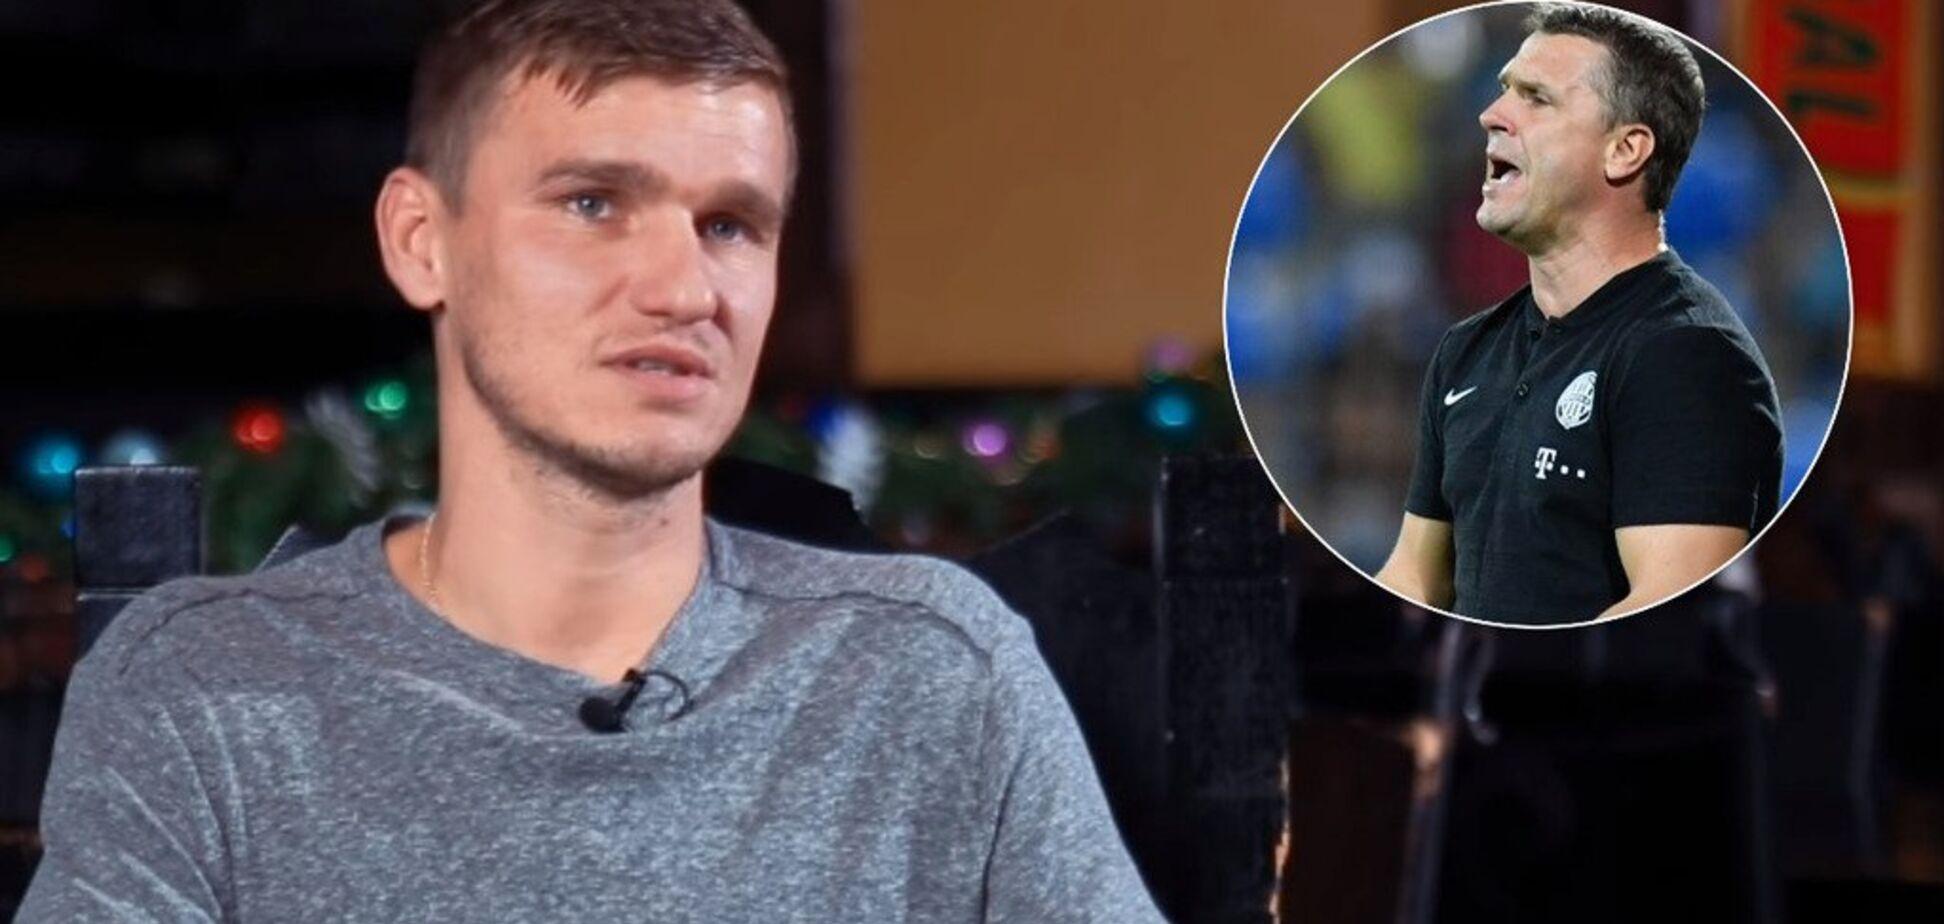 'Ошибка, что не остался в Донецке': экс-футболист 'Динамо' сделал признание